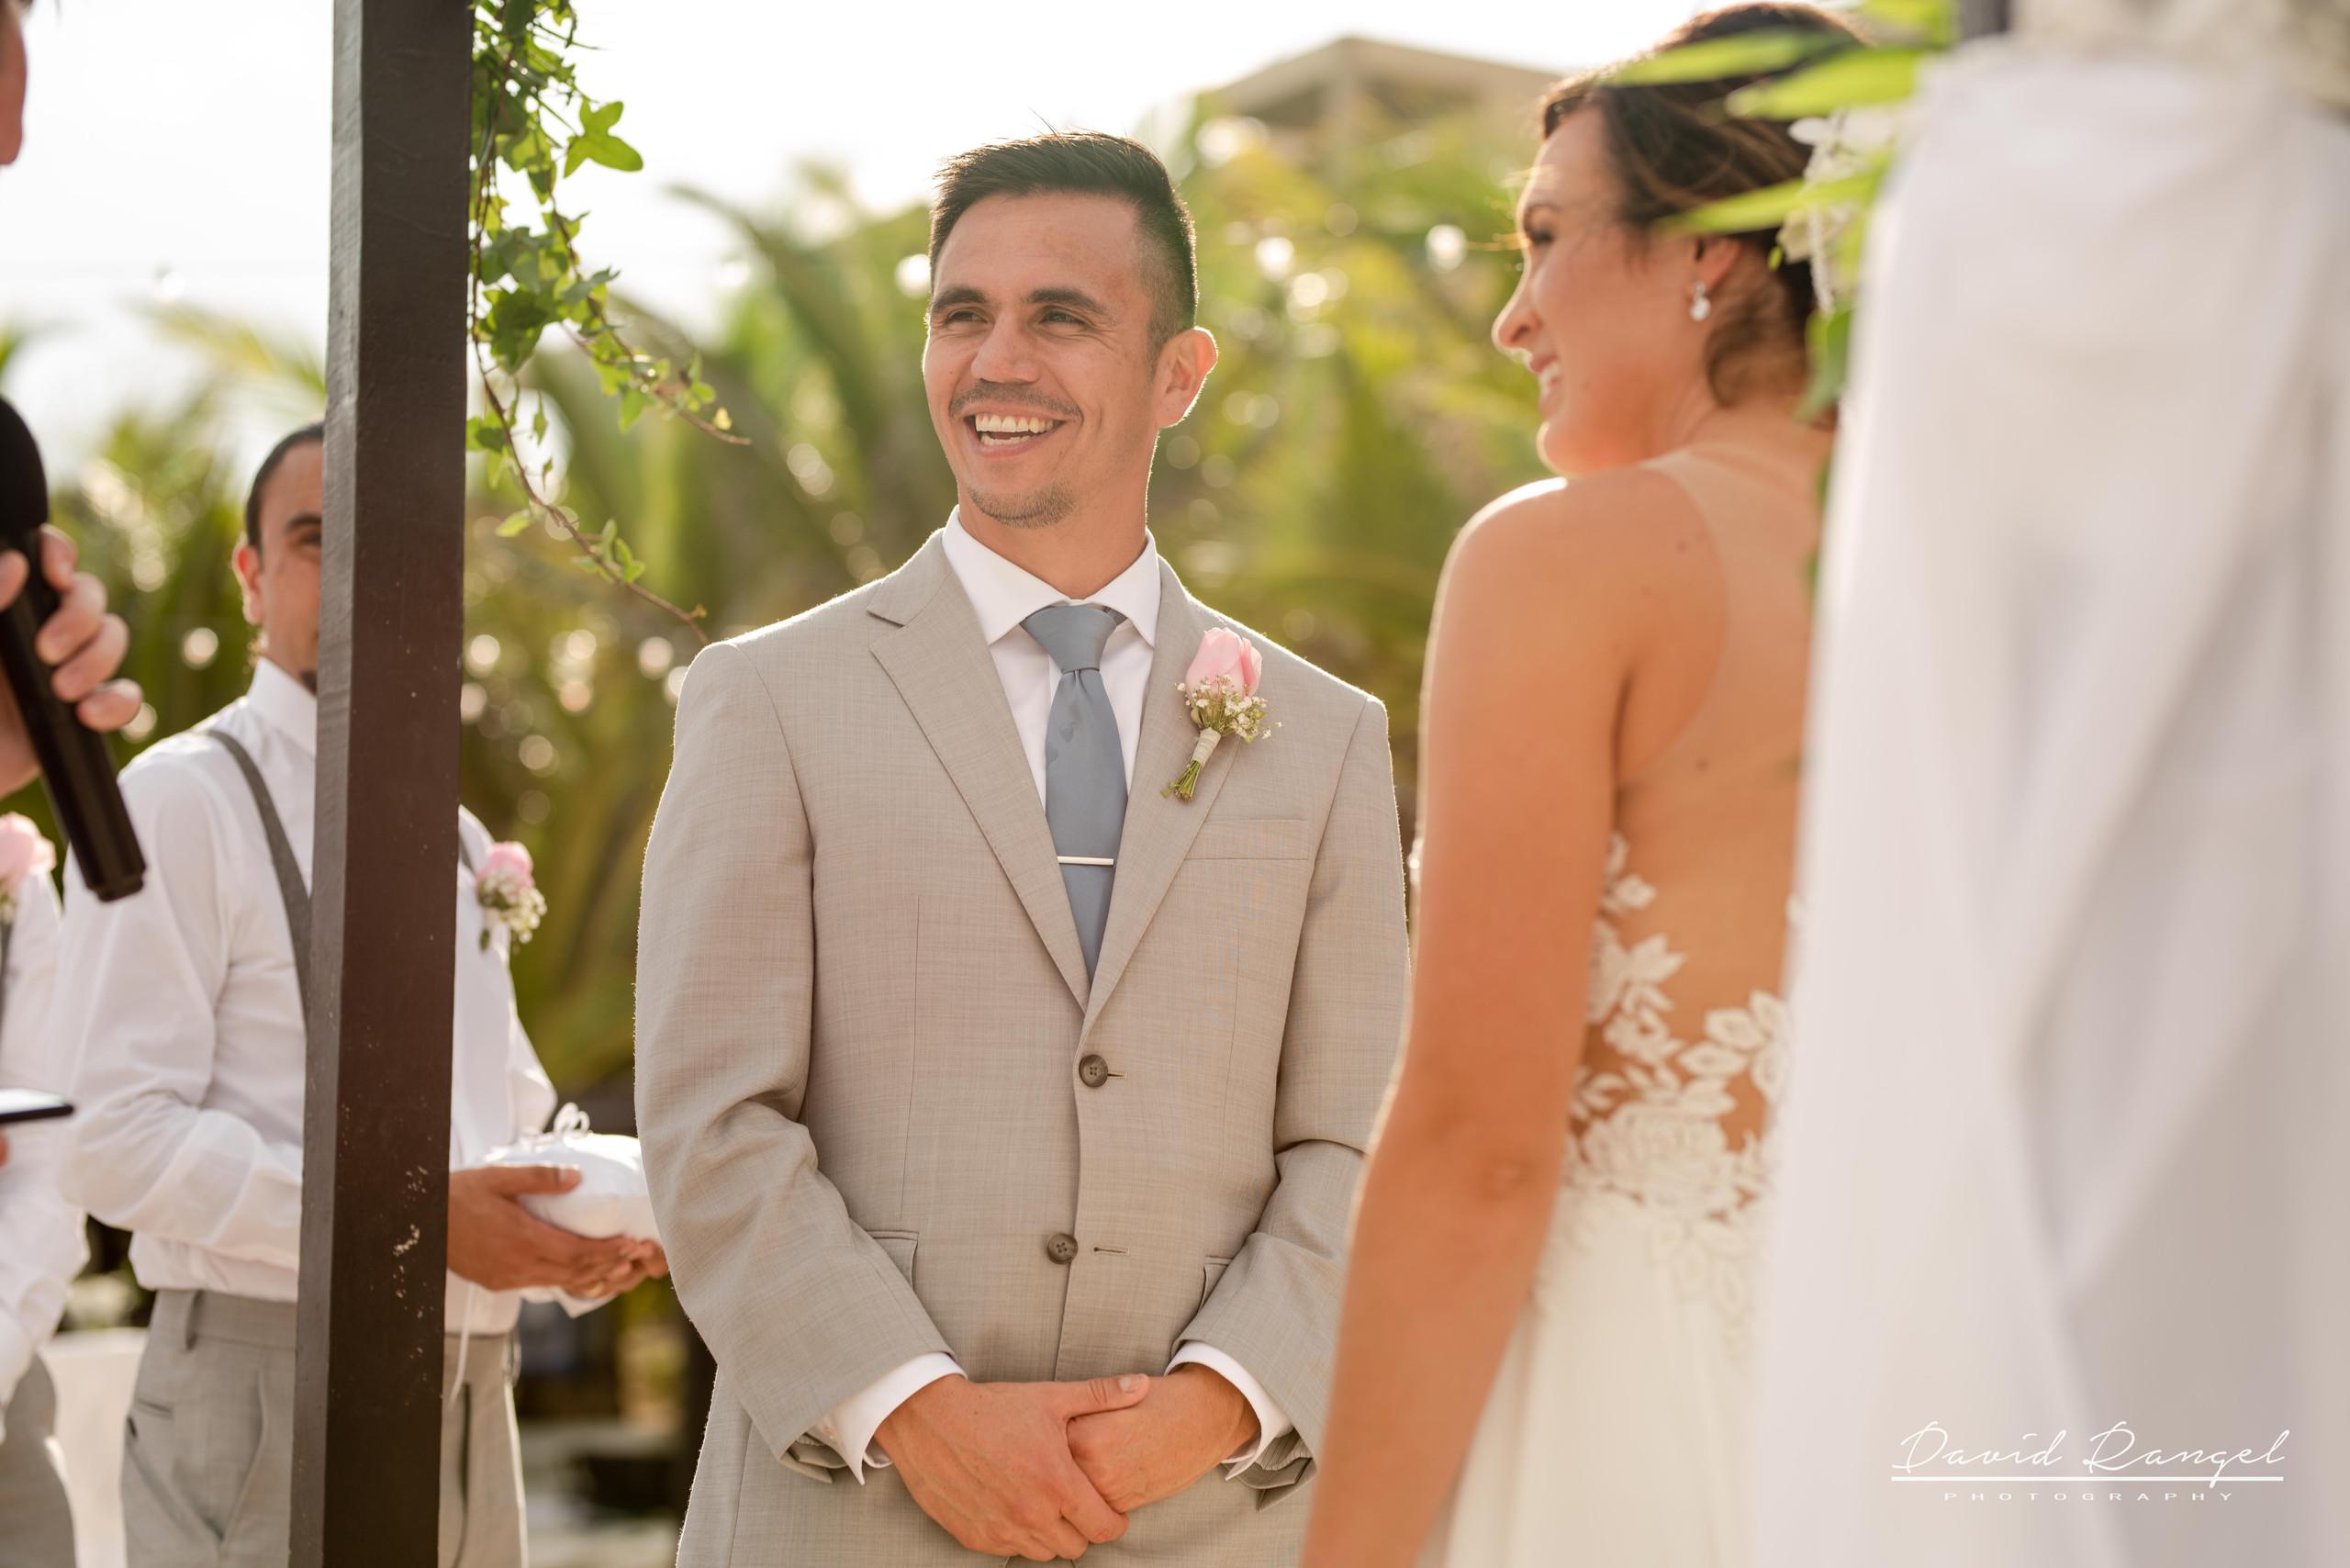 bride+groom+ceremony+gazebo+minister+beach